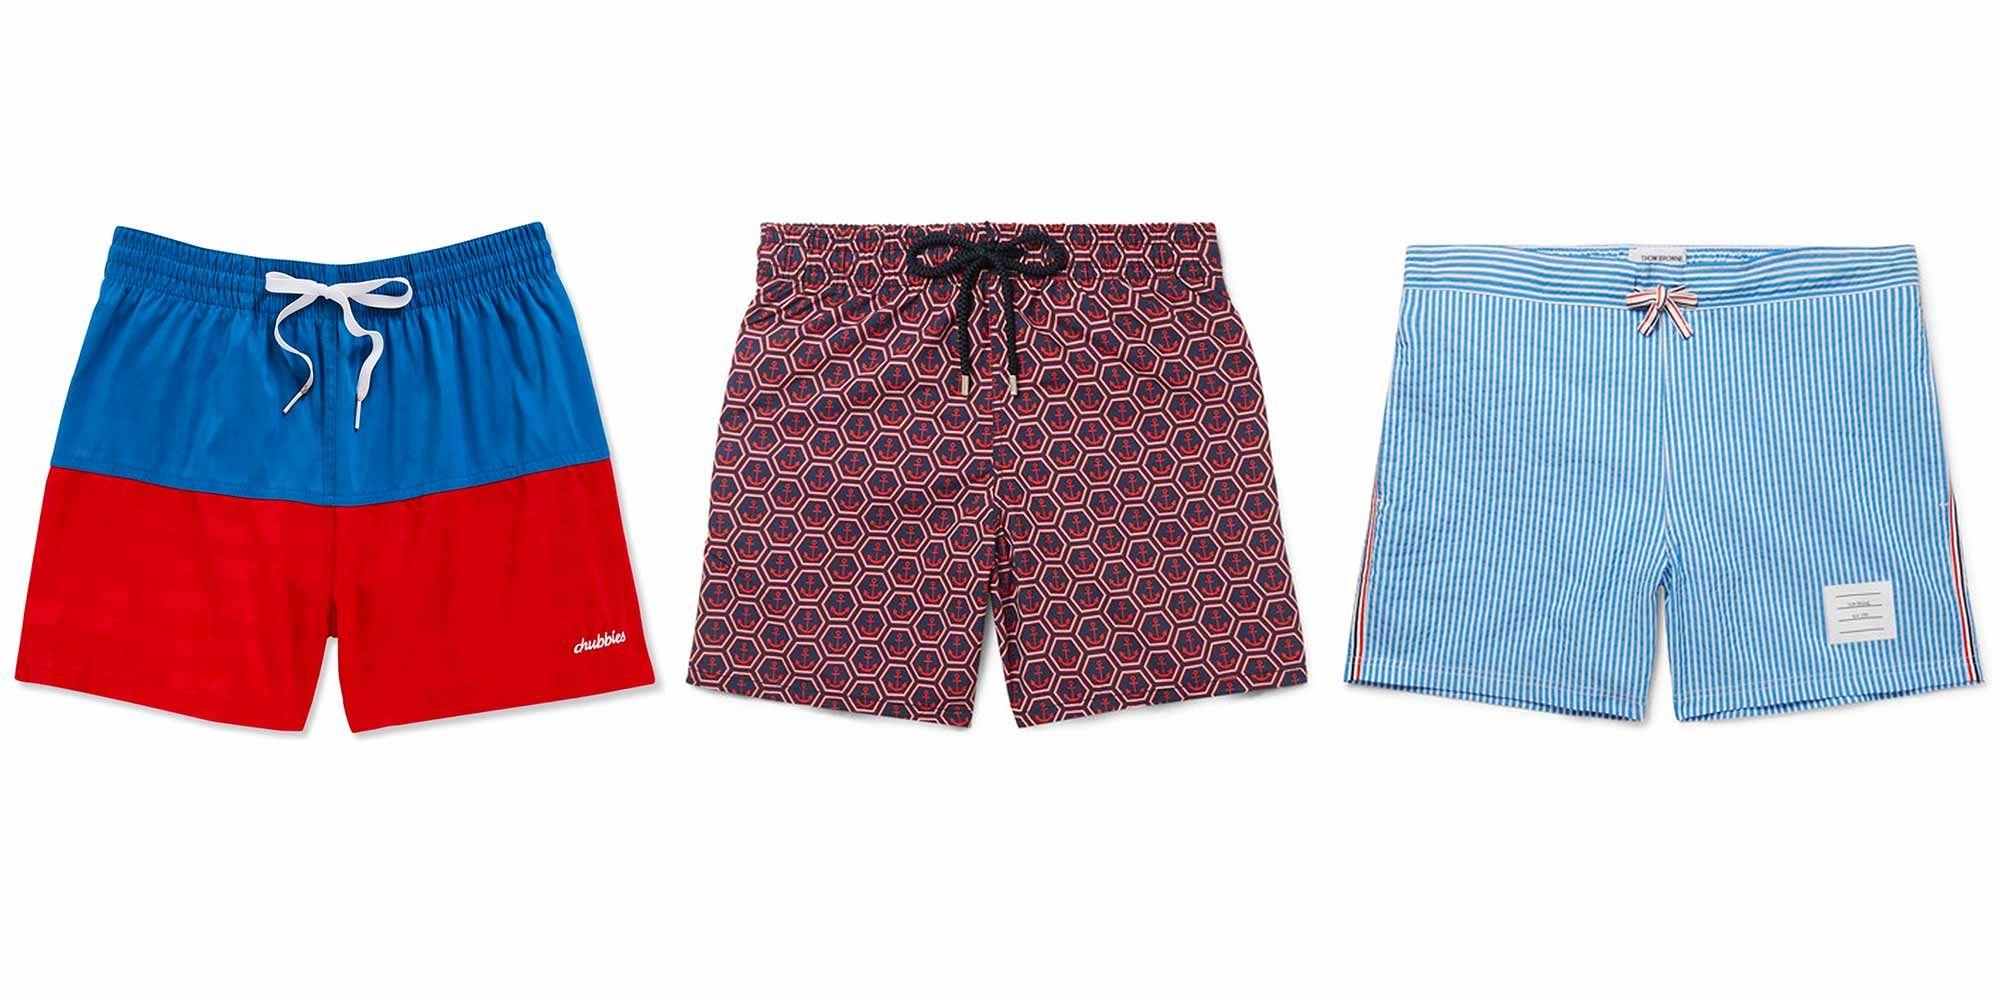 02dc7f34ae 10 Best Men's Swim Trunks for 2018 - Cool Designer Swimwear for Men